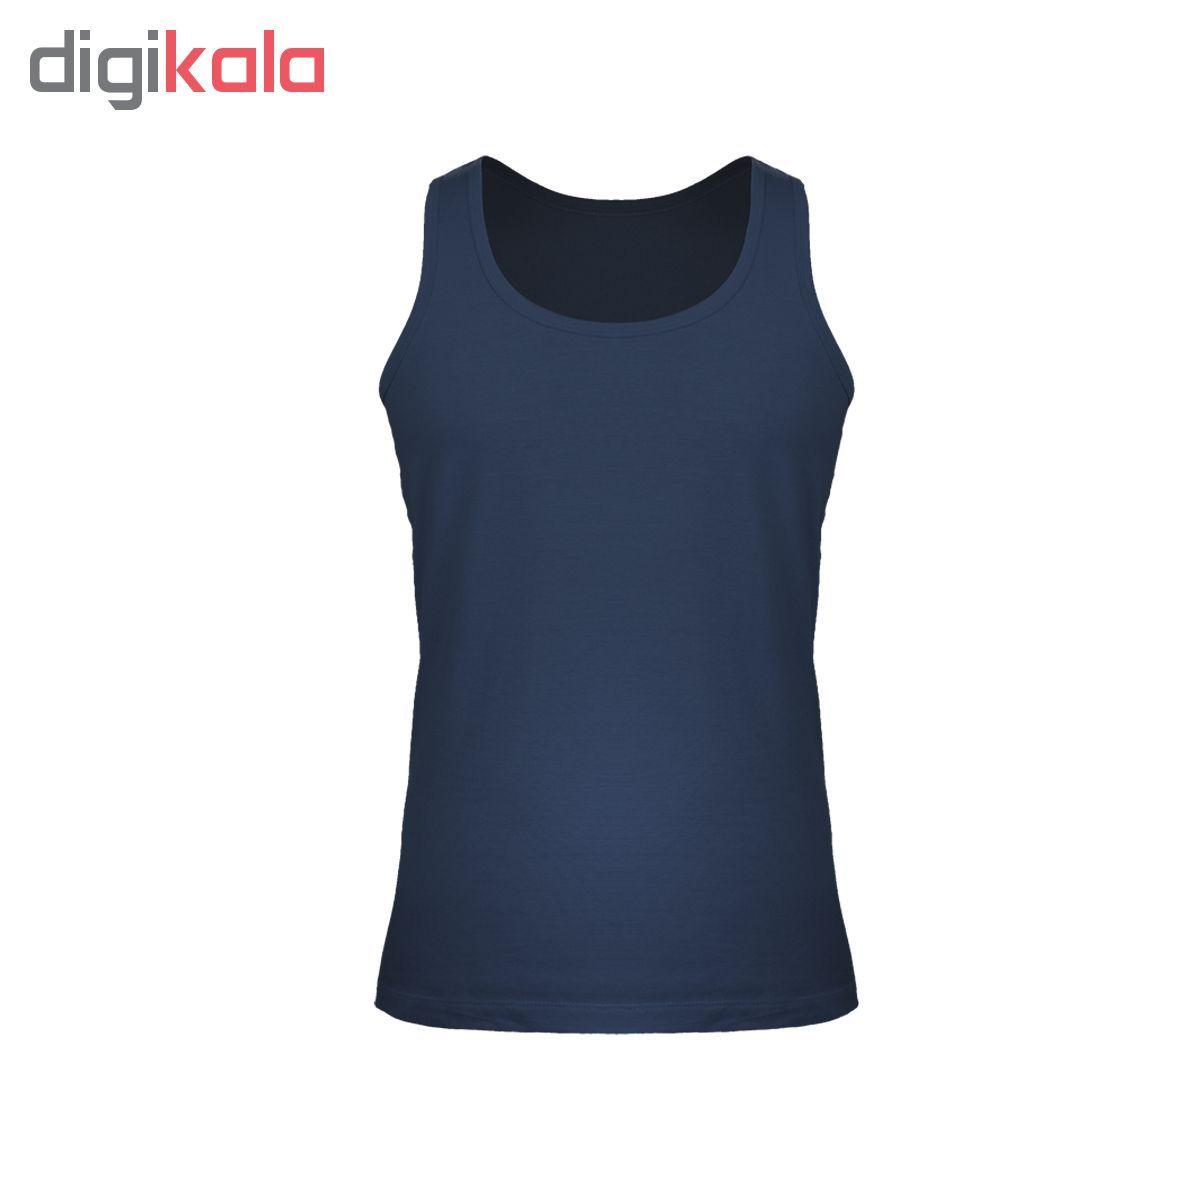 زیرپوش مردانه کیان تن پوش مدل A Shirt Classic BN main 1 2